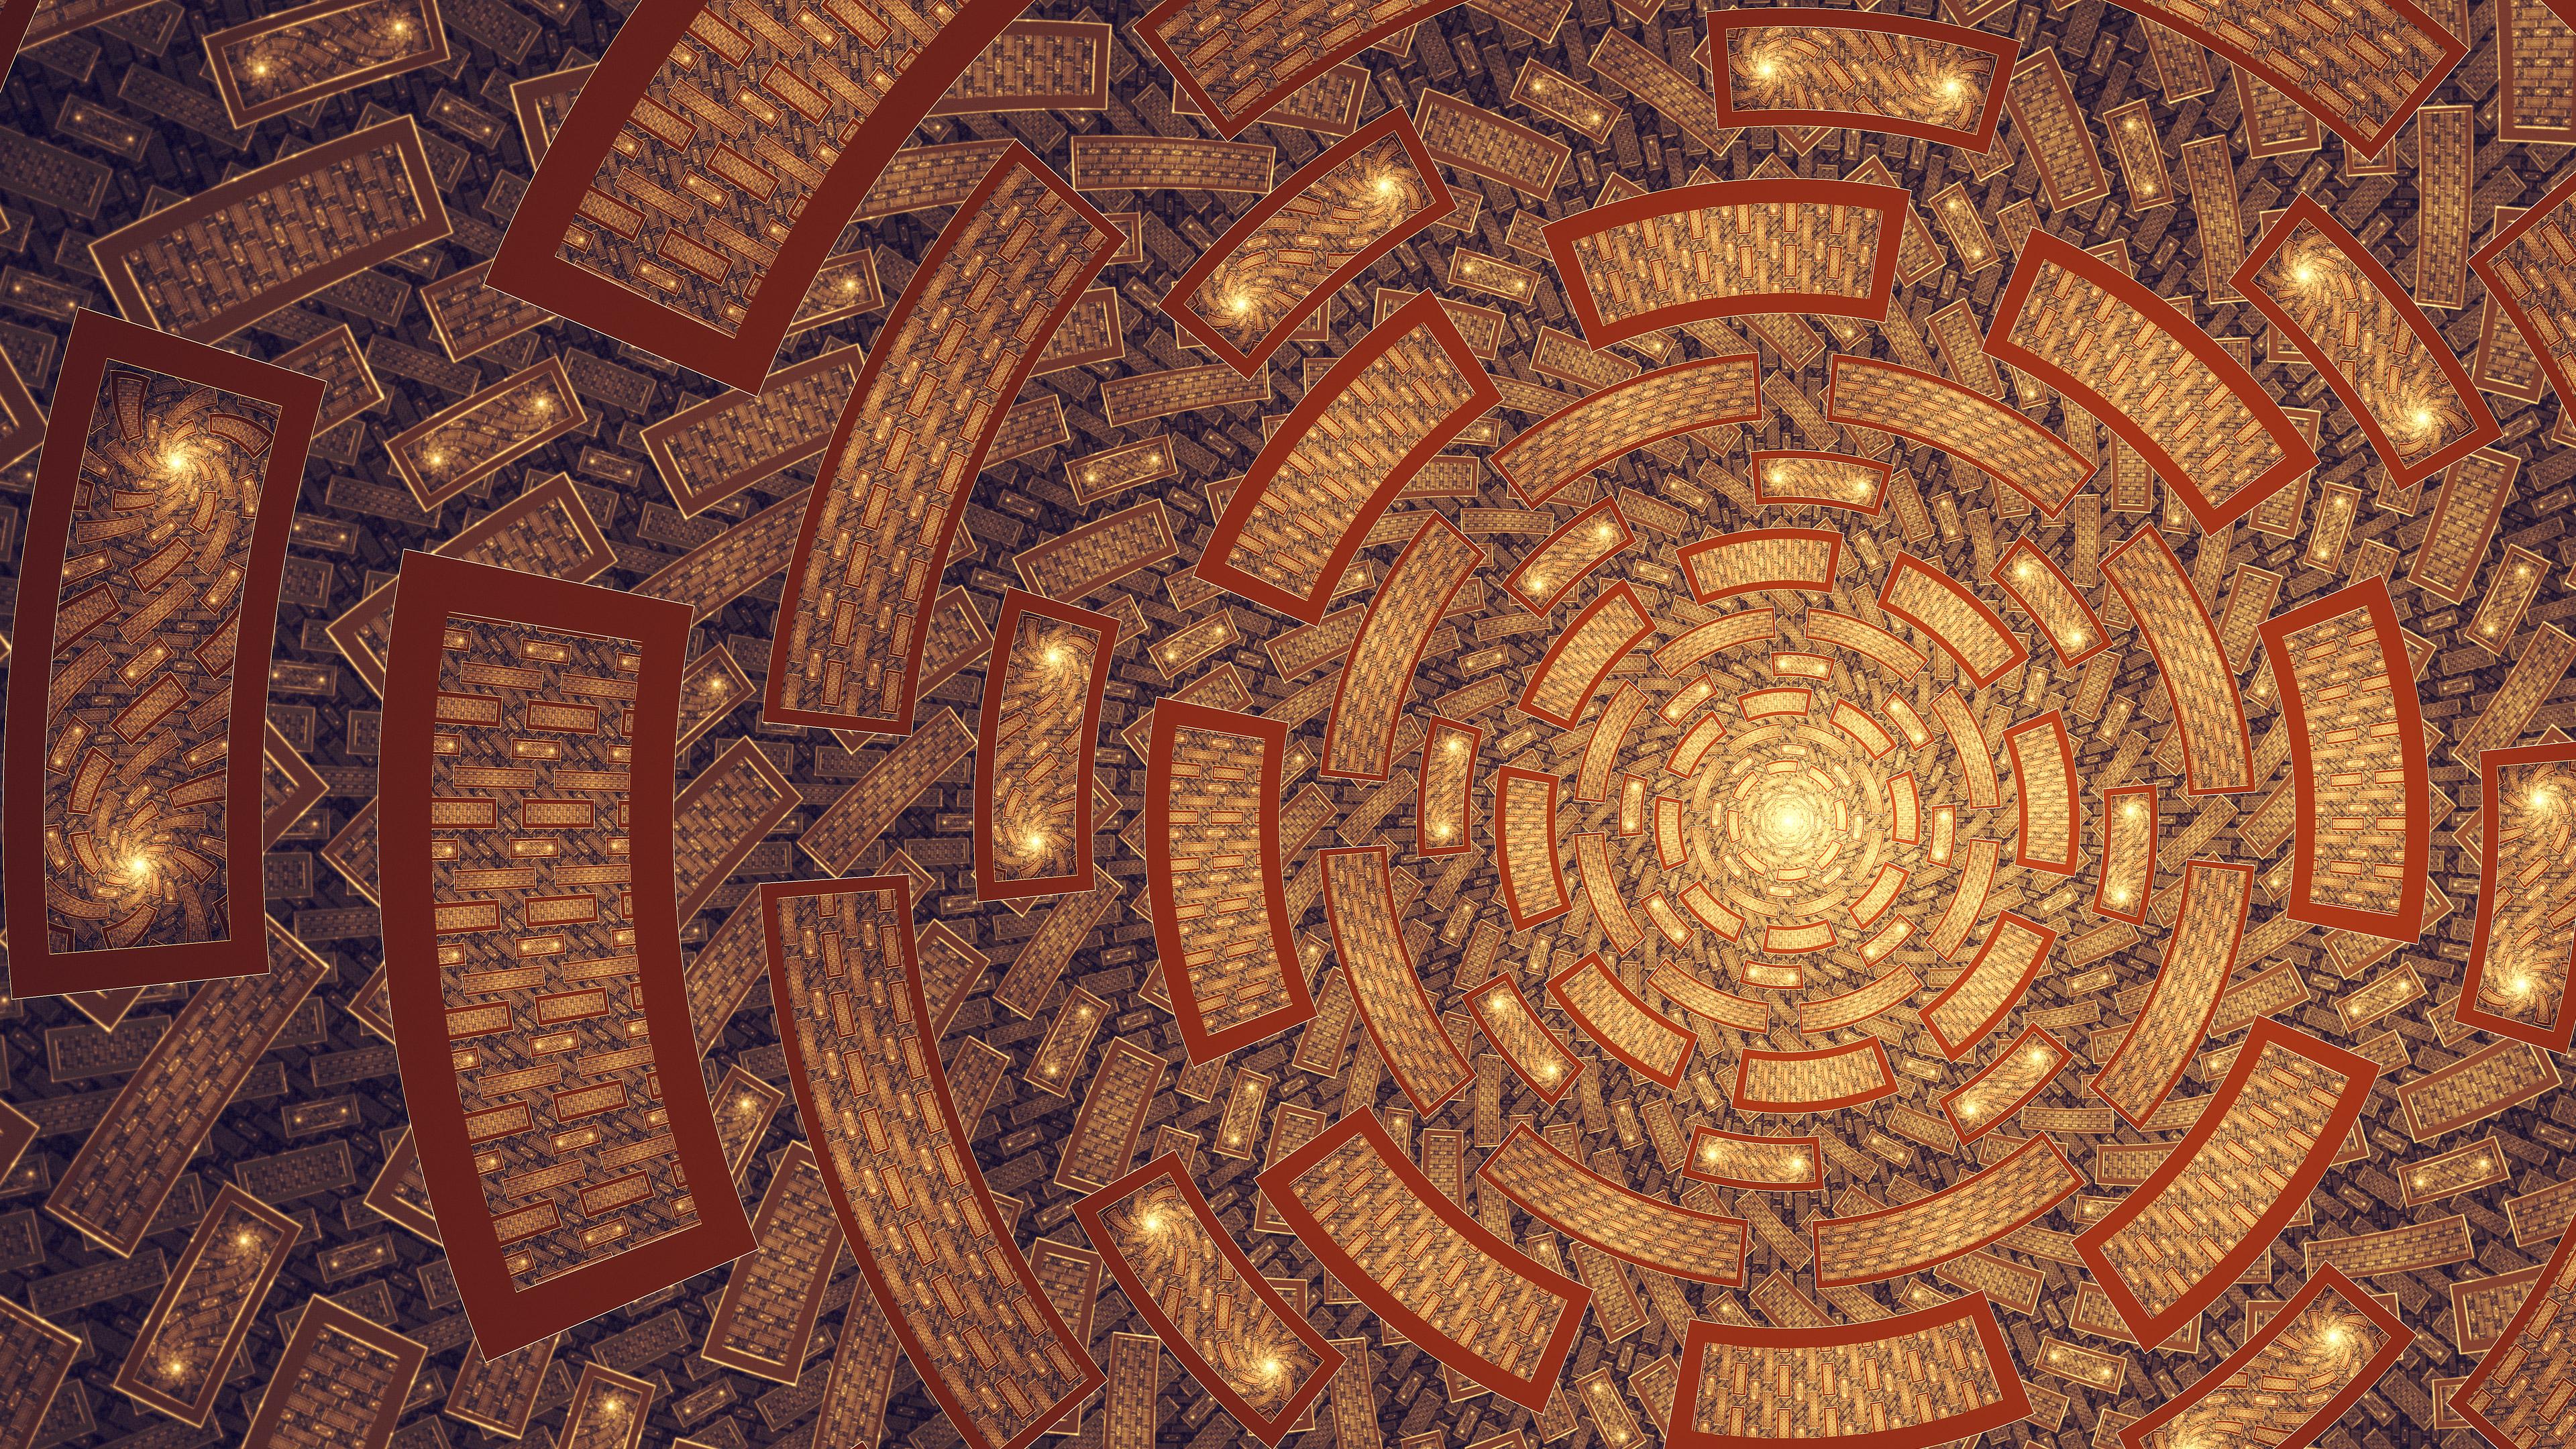 fractal 1539371013 - Fractal - hd-wallpapers, fractal wallpapers, digital art wallpapers, deviantart wallpapers, artwork wallpapers, artist wallpapers, abstract wallpapers, 4k-wallpapers